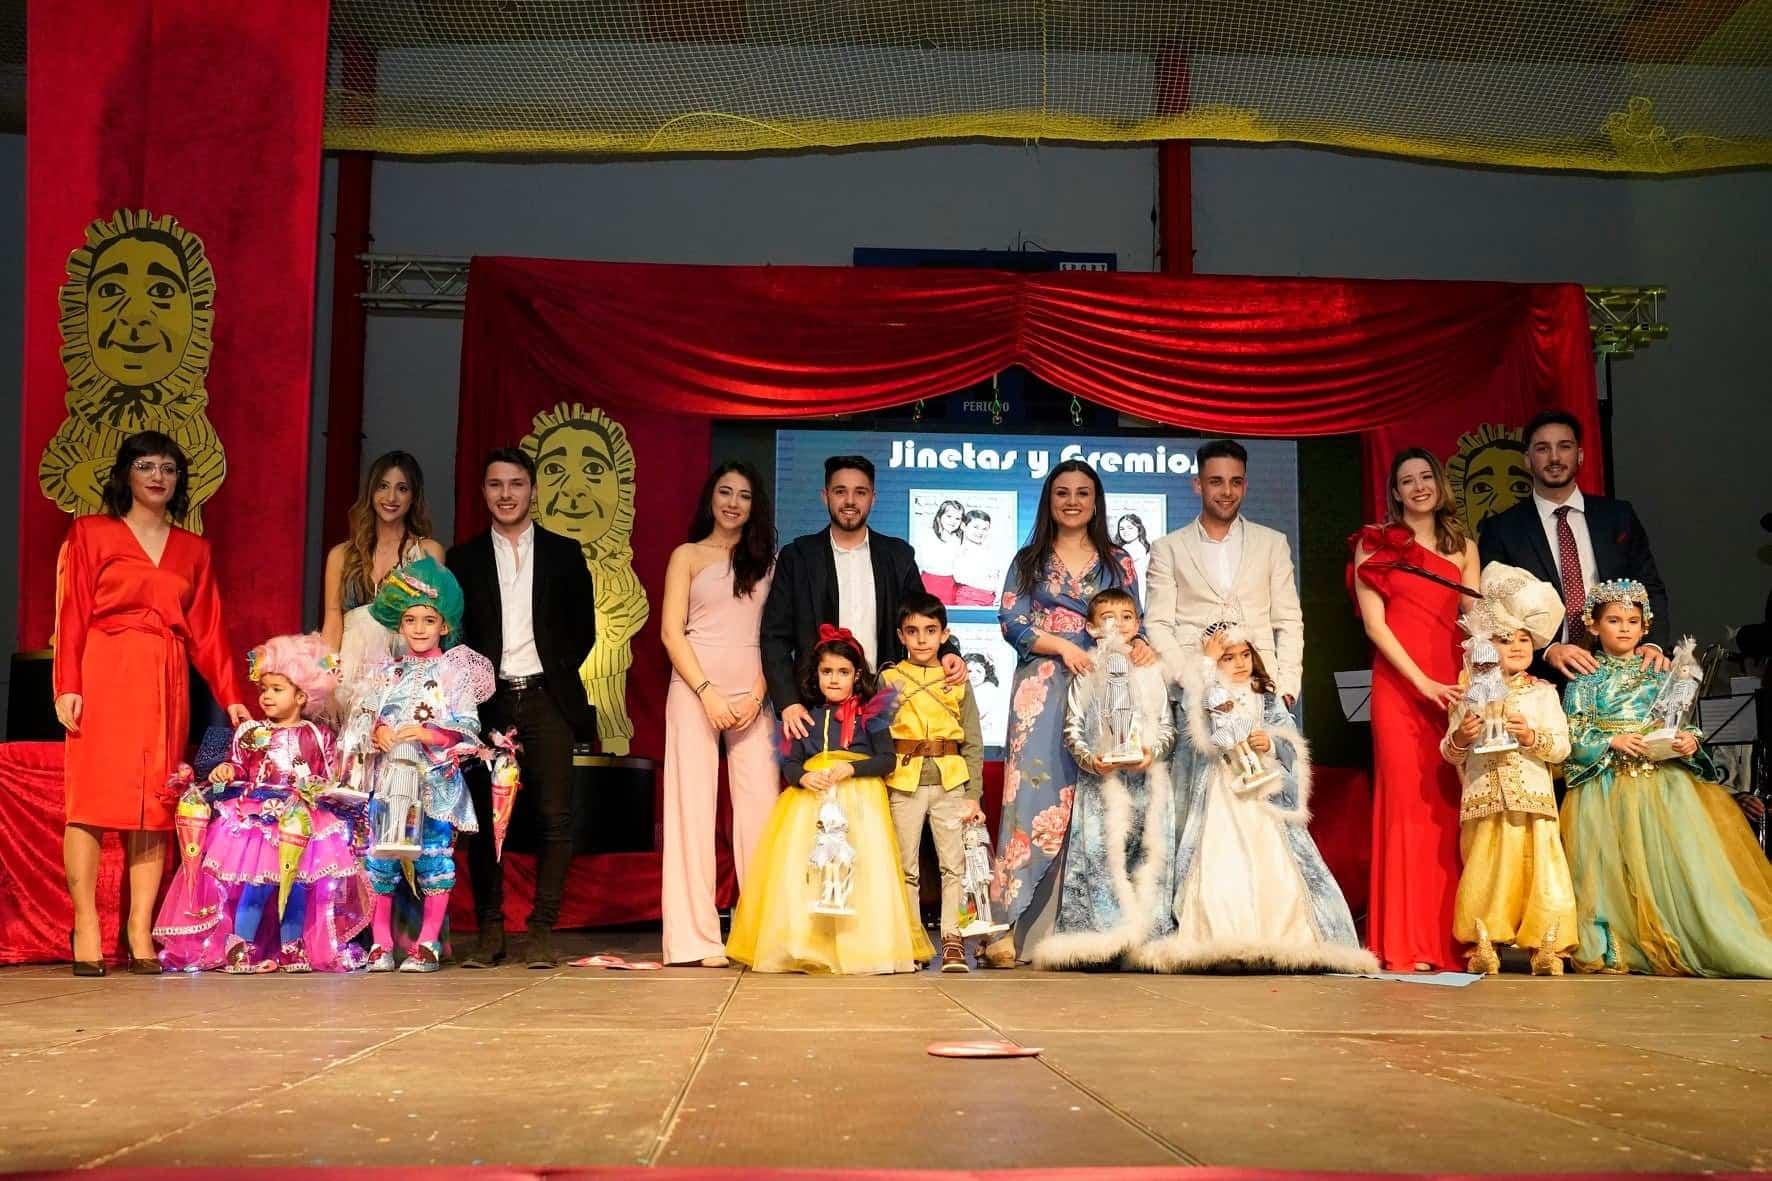 inauguracion carnaval 2020 herencia 3 - Inauguración del Carnaval de Herencia 2020